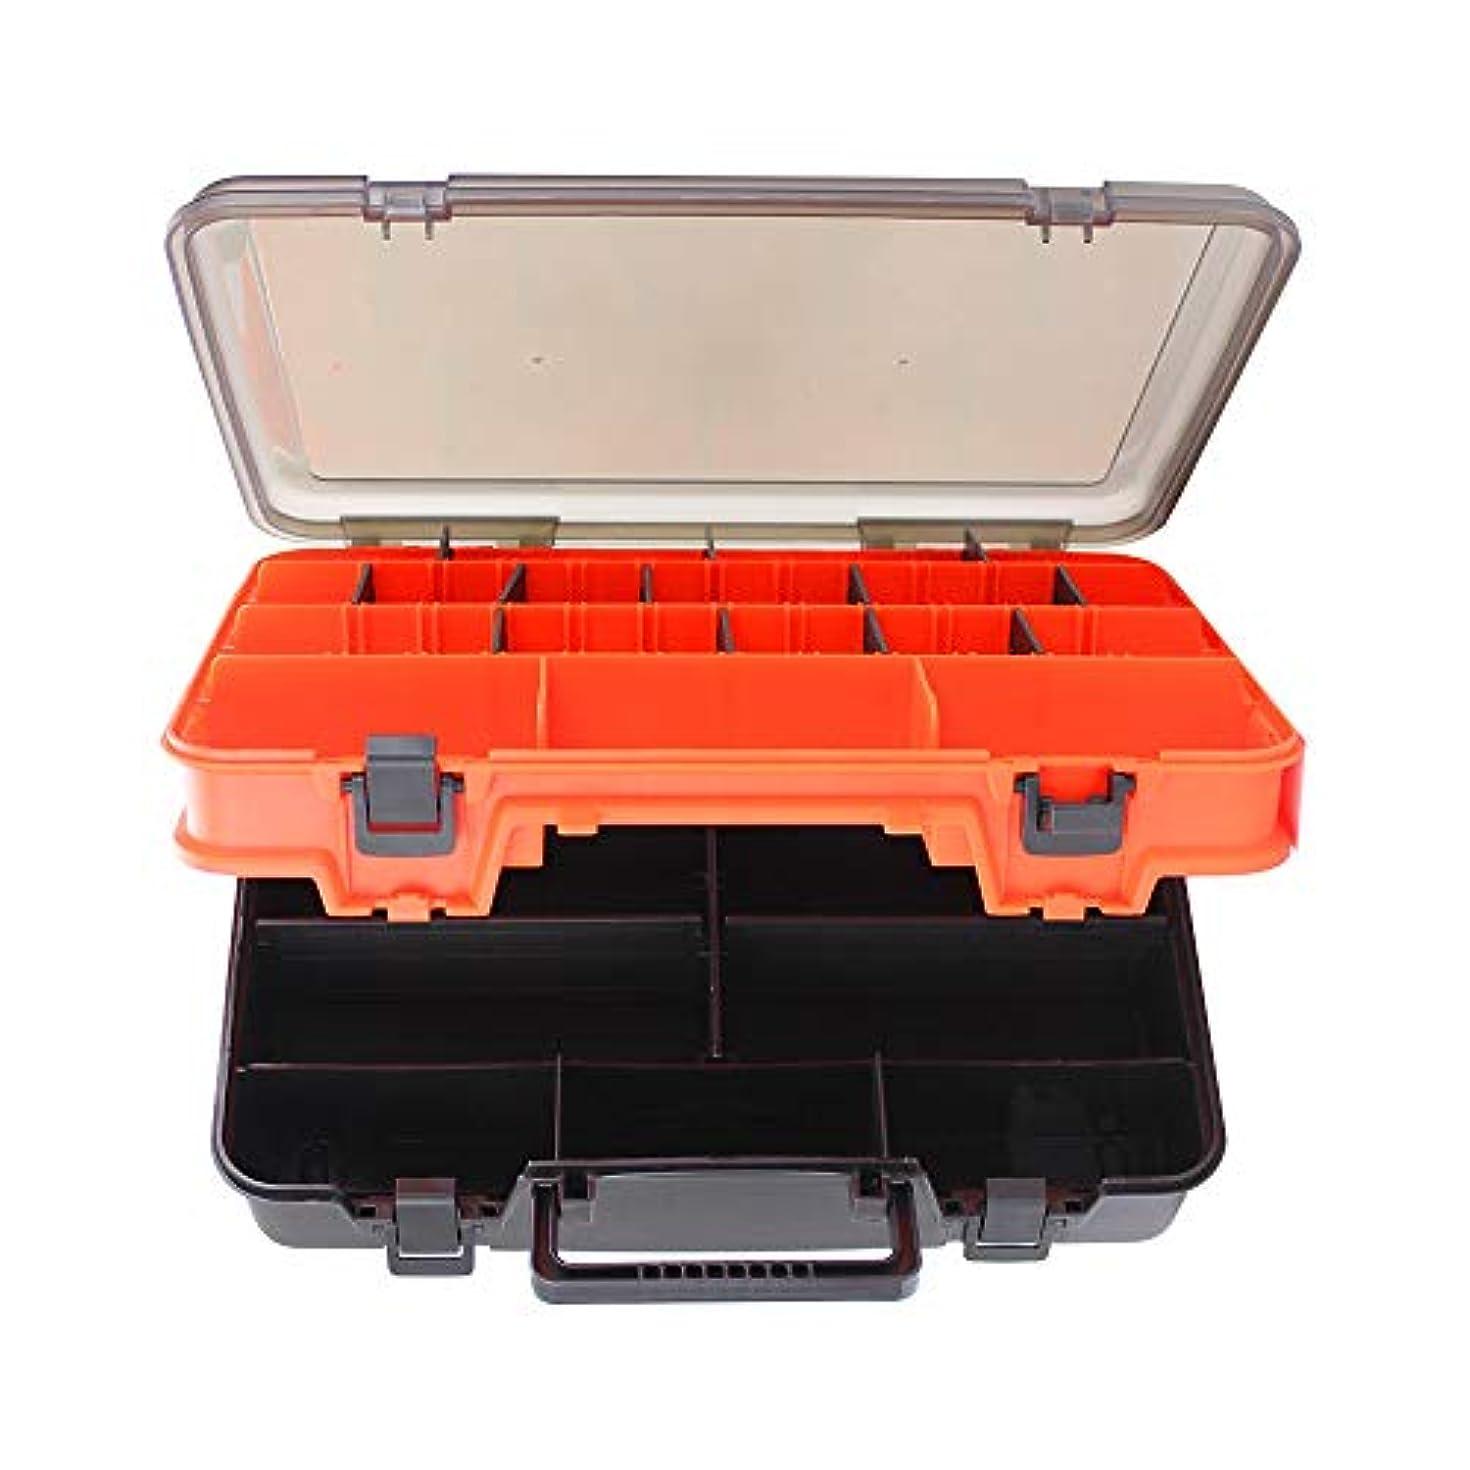 つかの間犯罪時計回りCocobanana 大容量軽量釣り箱屋外釣り道具箱ポータブル釣り箱両面肥厚